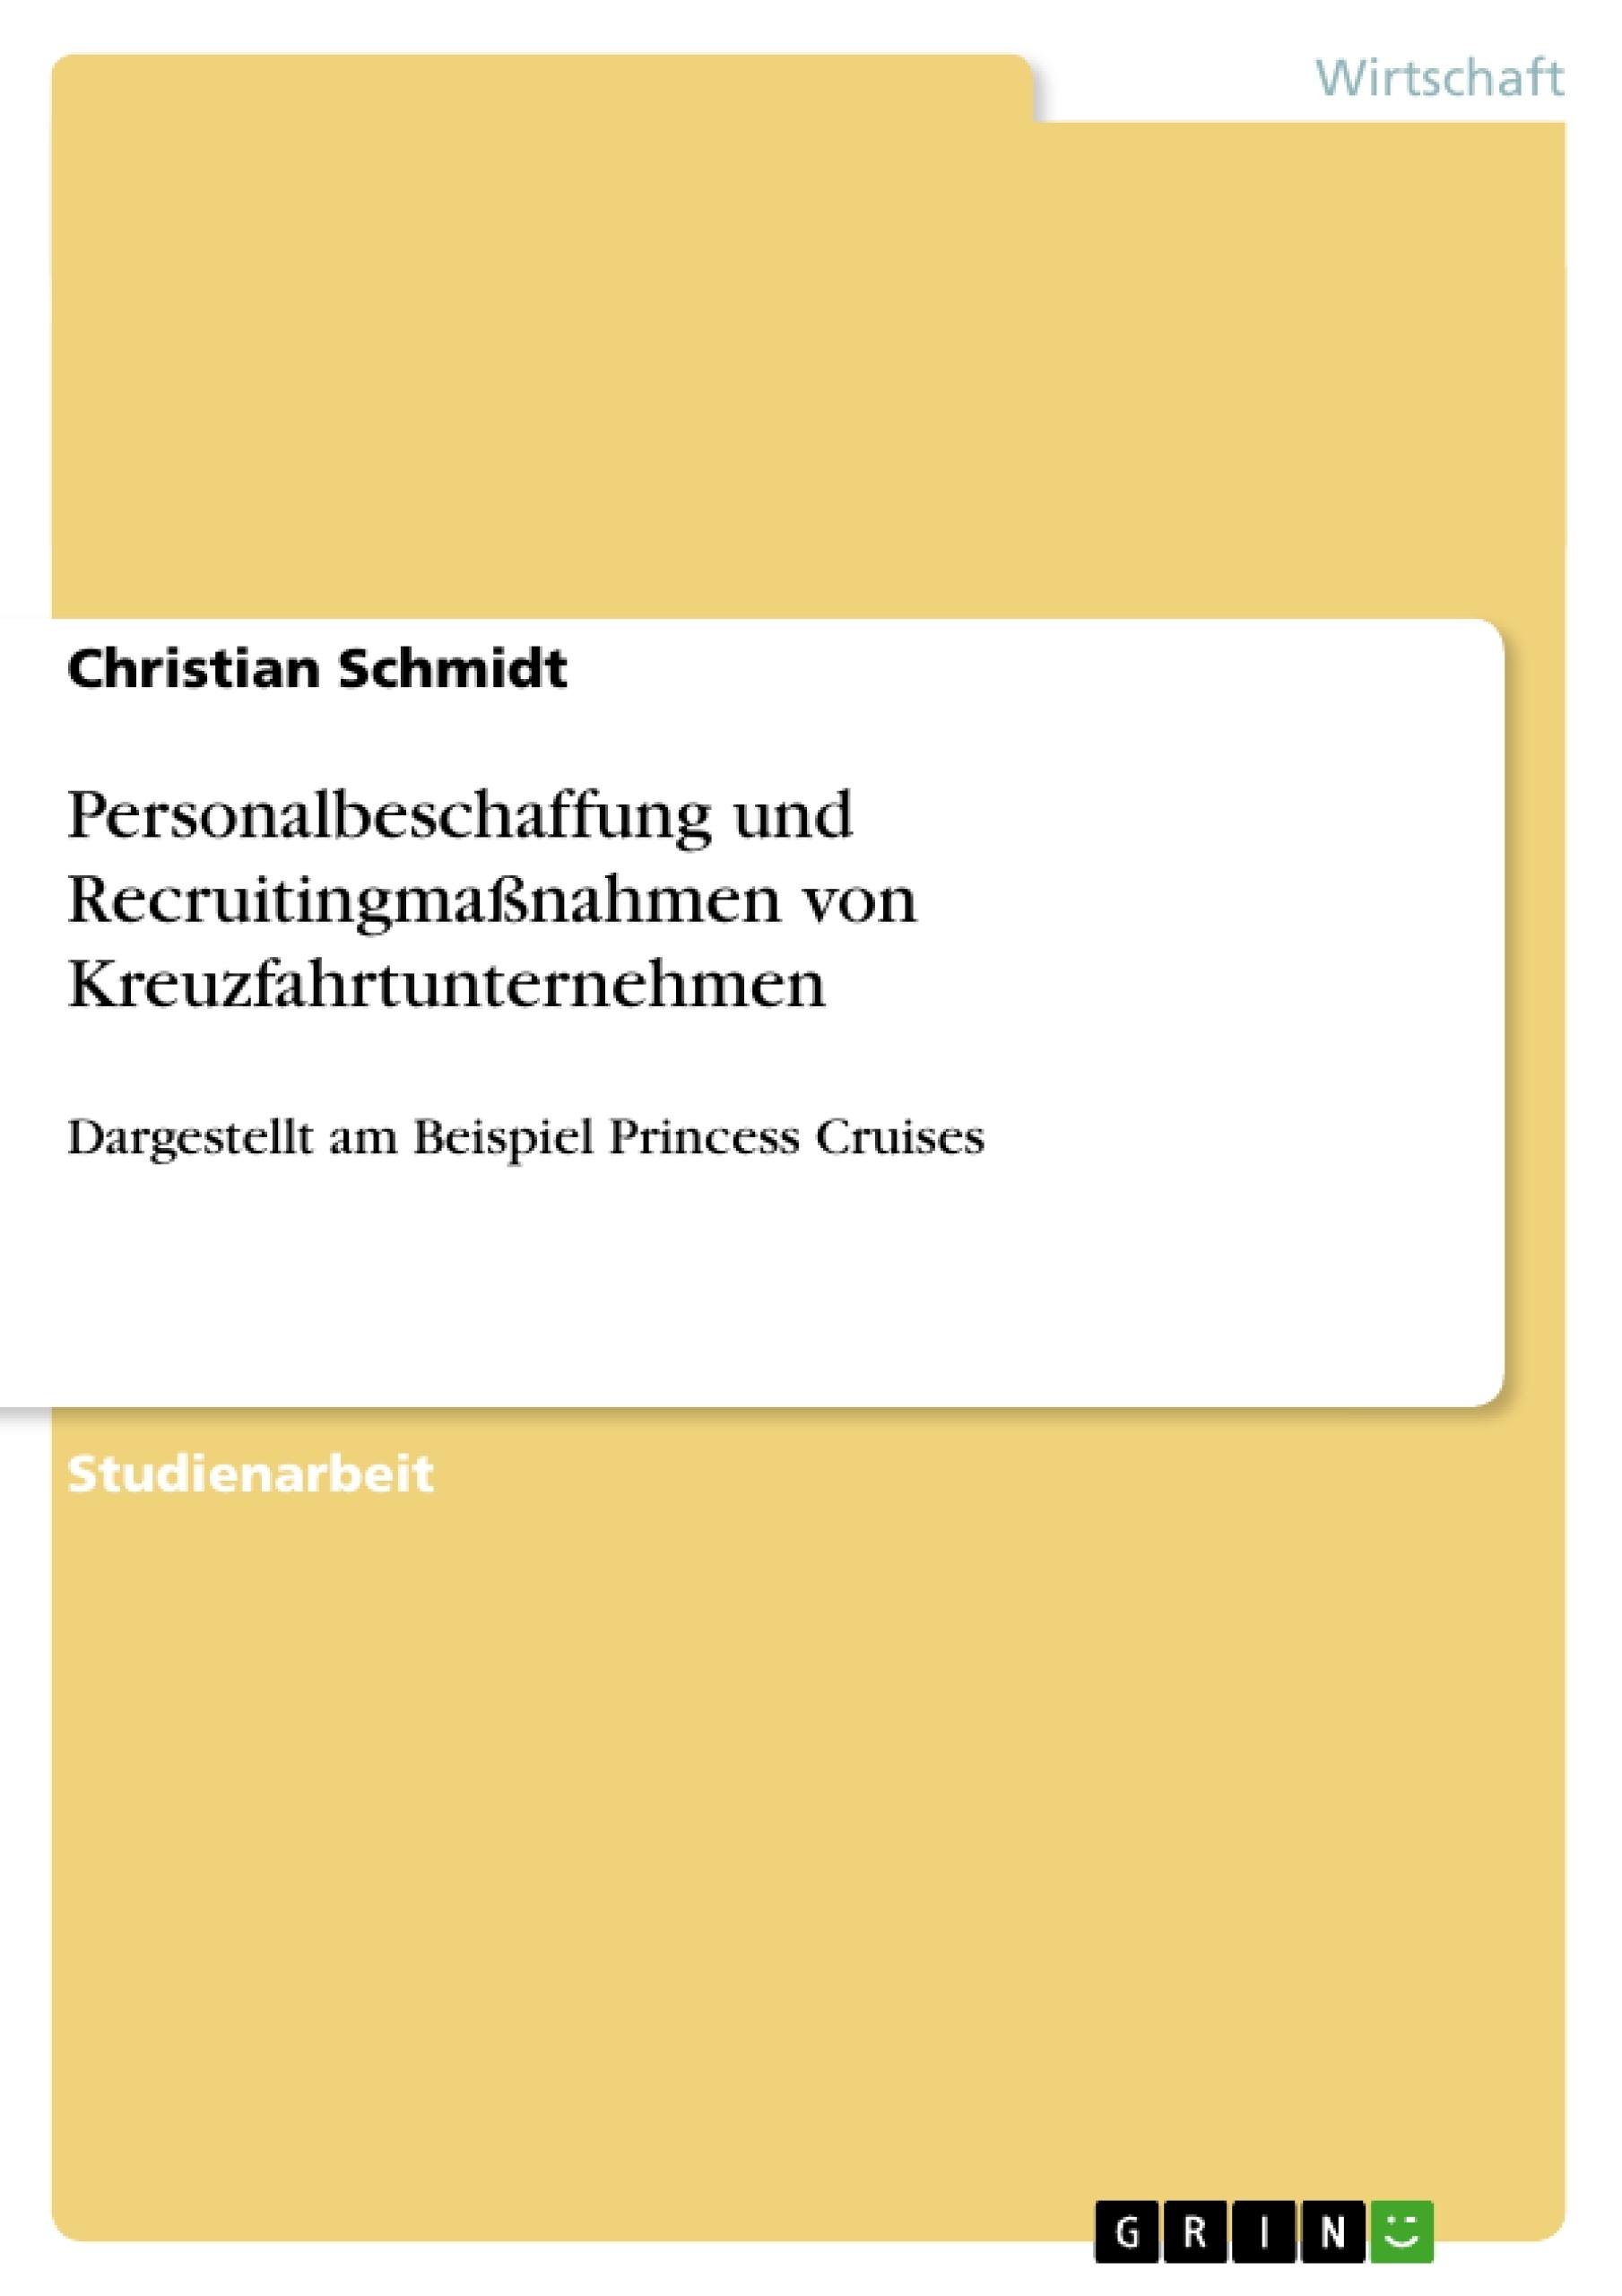 Titel: Personalbeschaffung und Recruitingmaßnahmen von Kreuzfahrtunternehmen